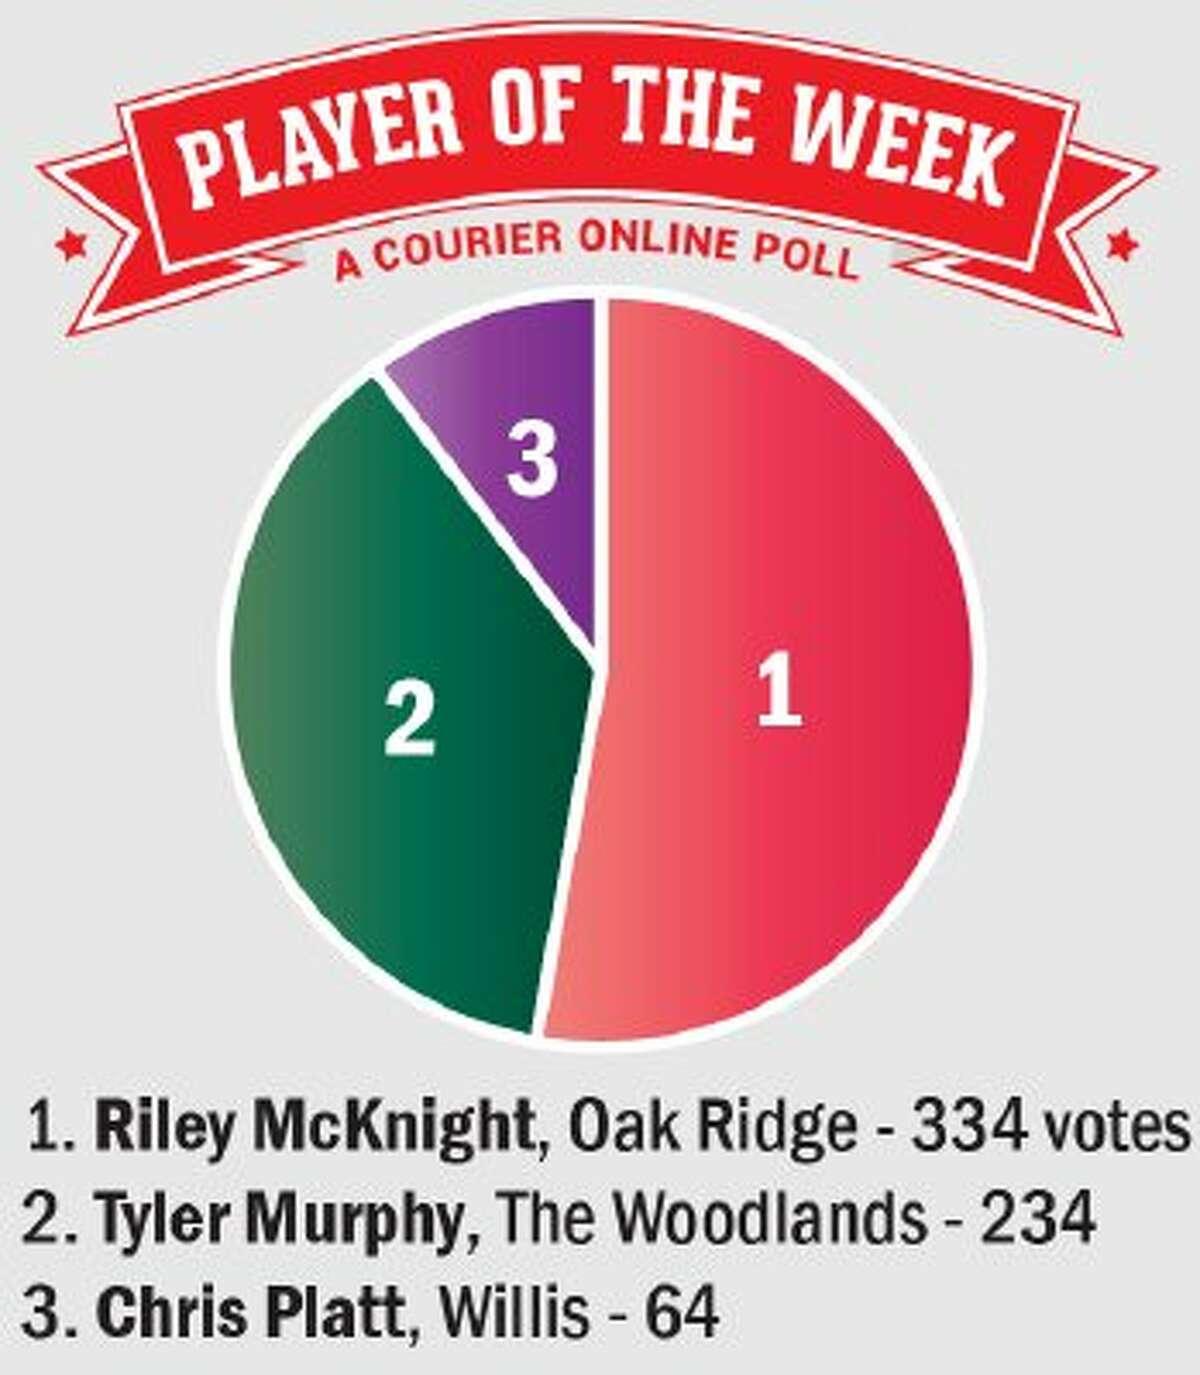 McKnight helps make Oak Ridge a contender